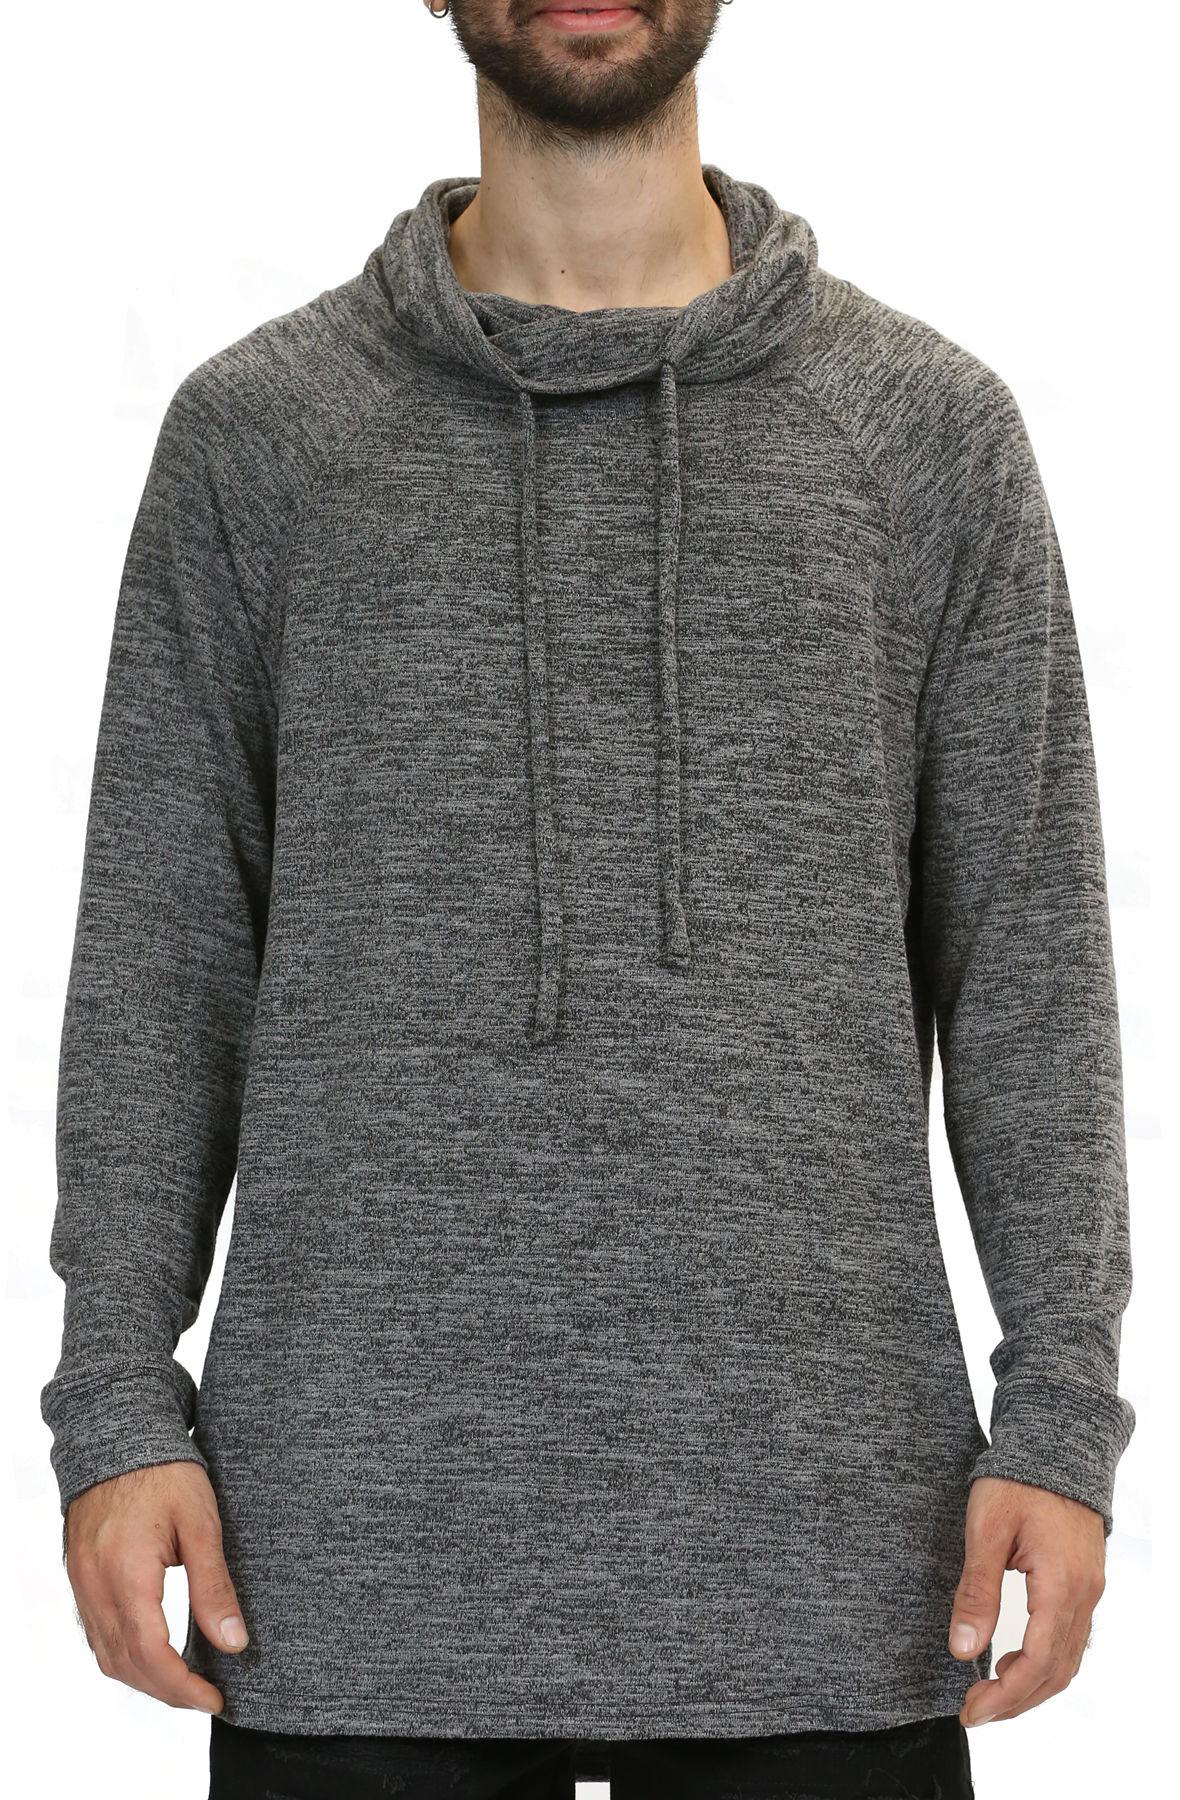 Image of Cowl Neck Sweatshirt / Charcoal Gray